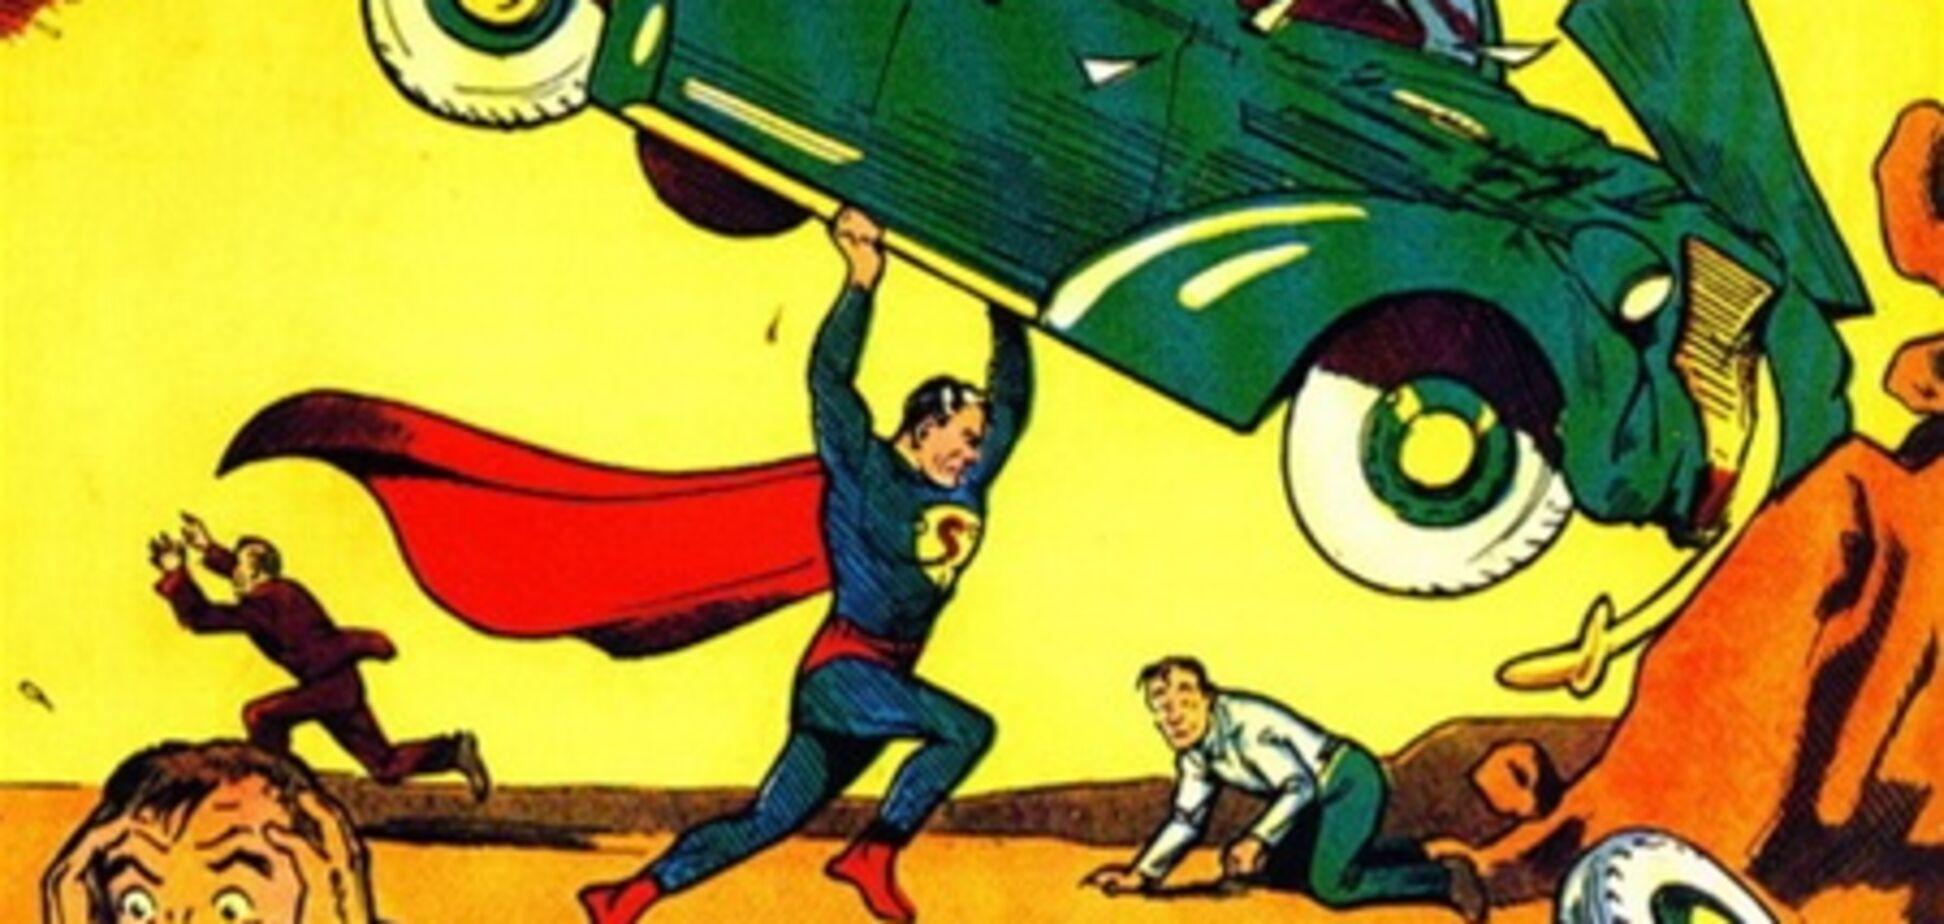 Полиция нашла комикс-раритет, украденный у Николаса Кейджа